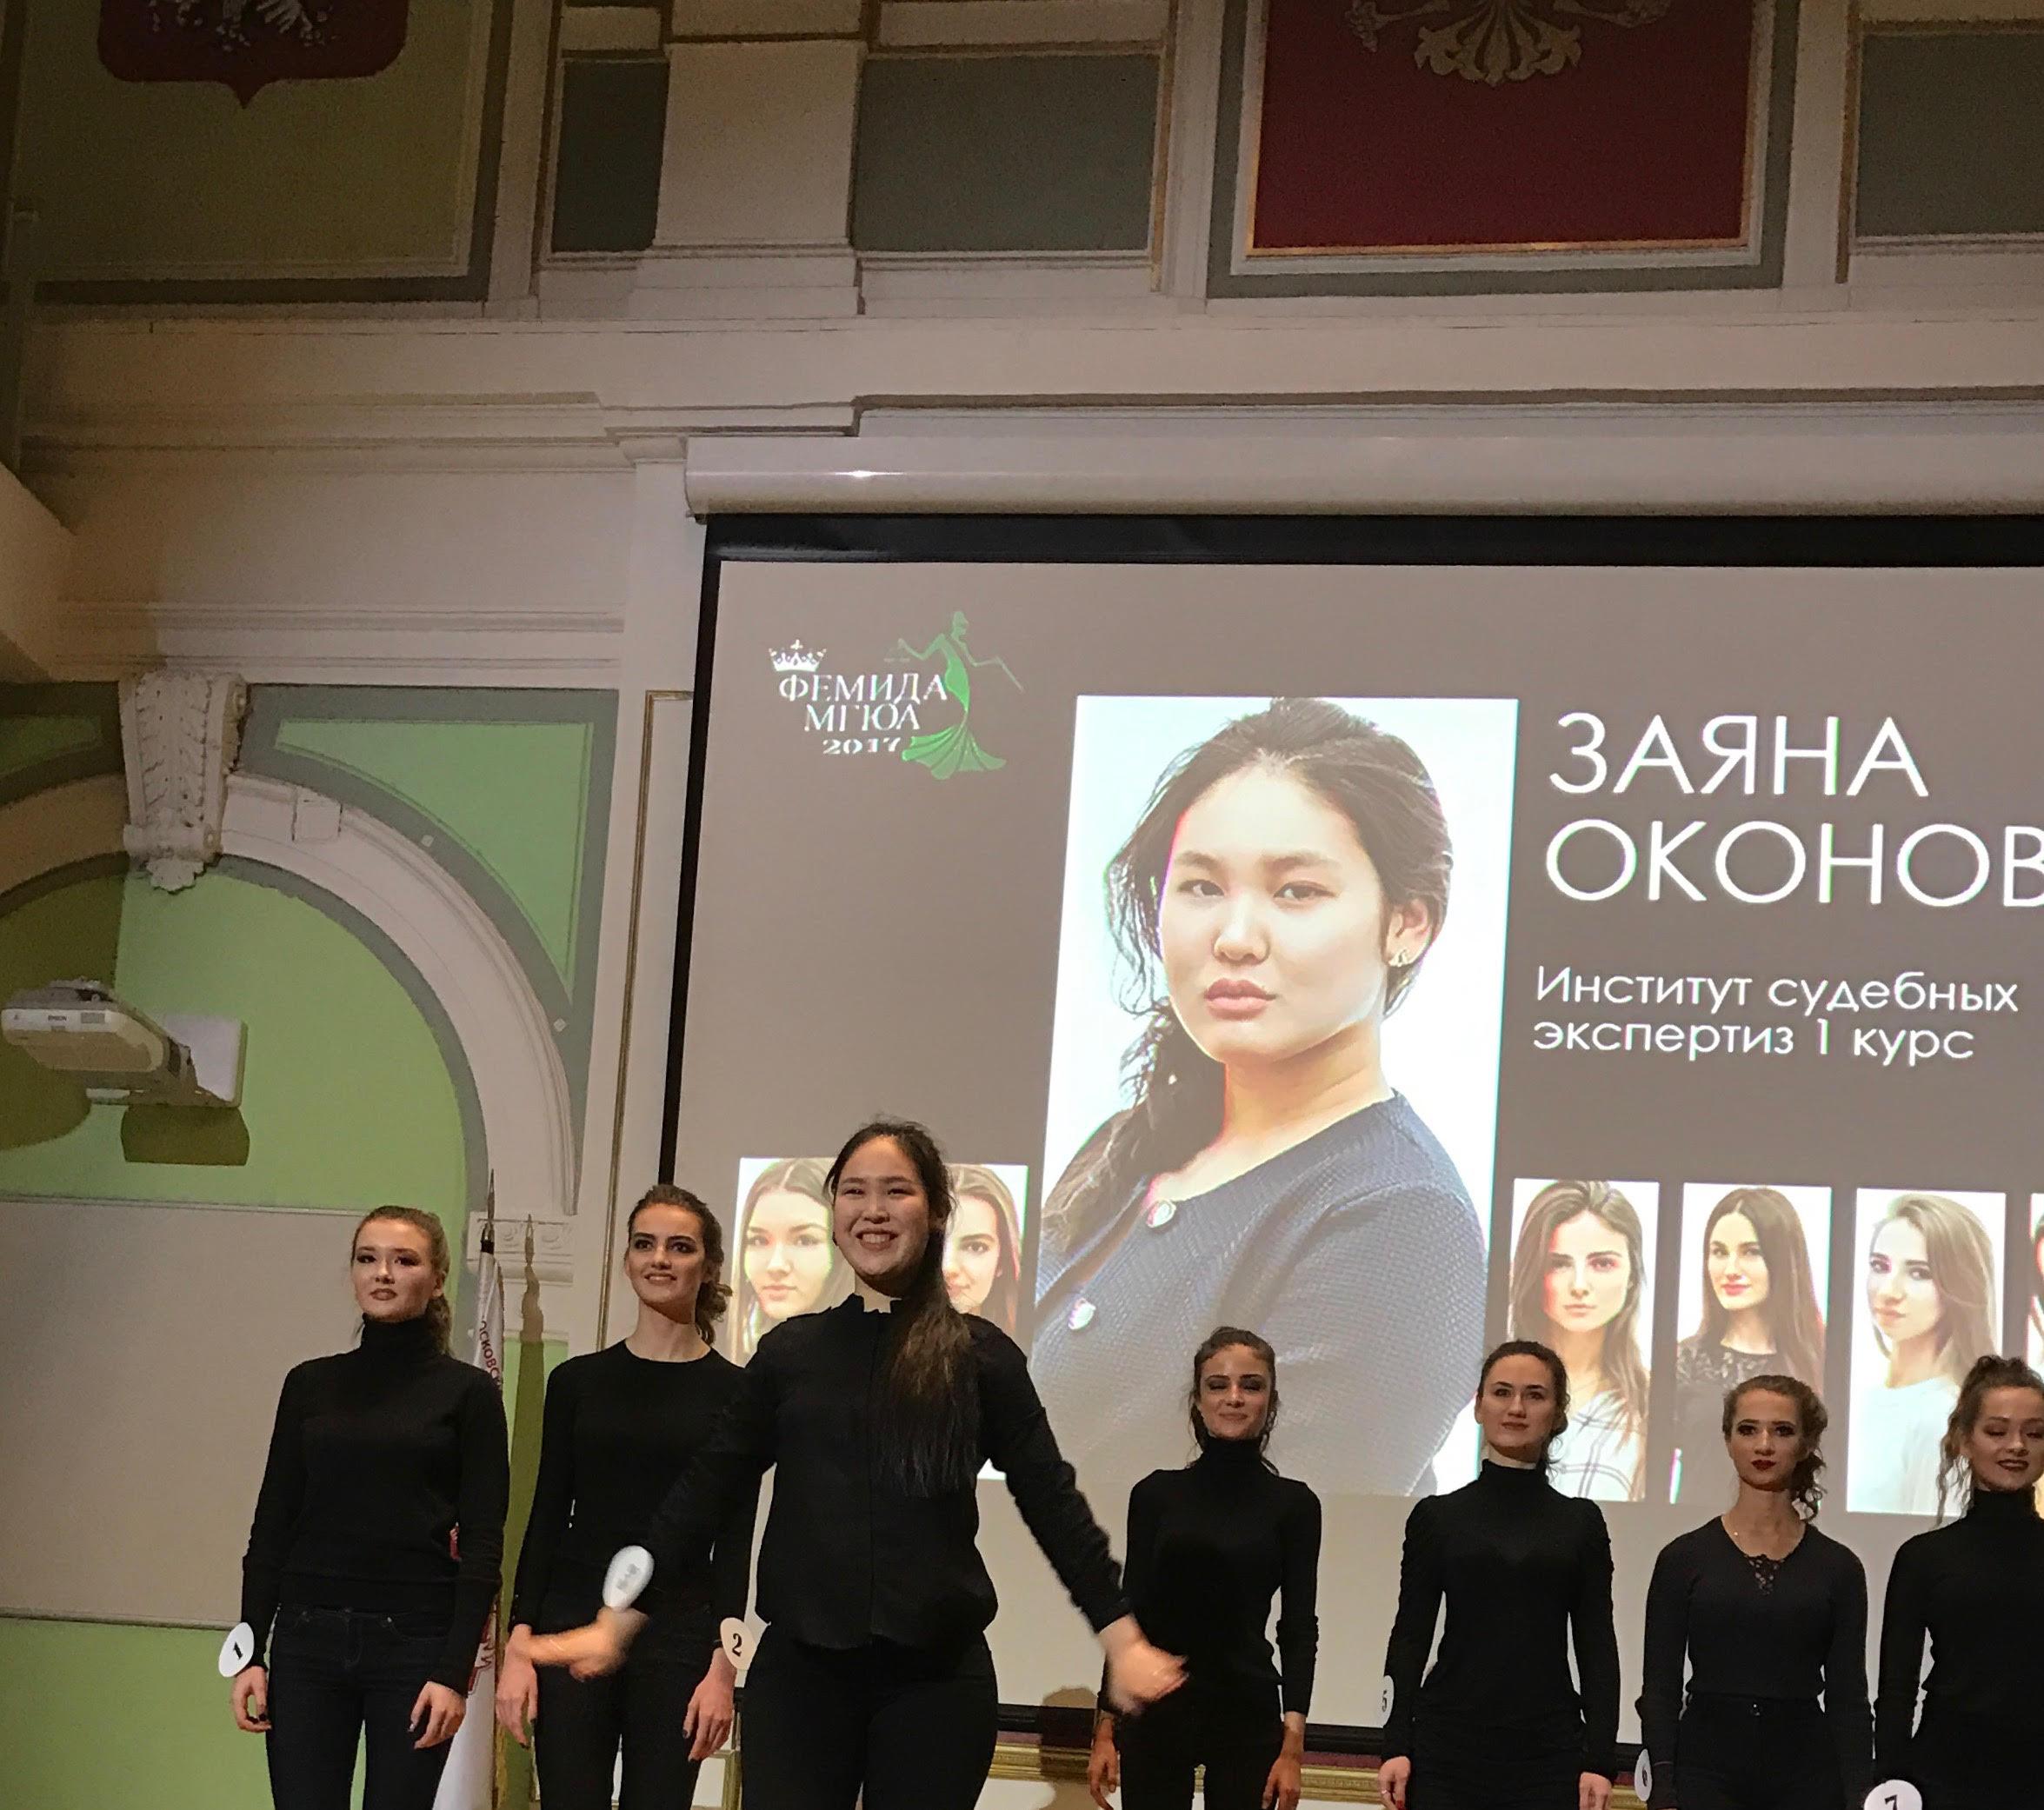 Заяна Оконова Мисс зрительских симпатий на конкурсе ФЕМИДА  1